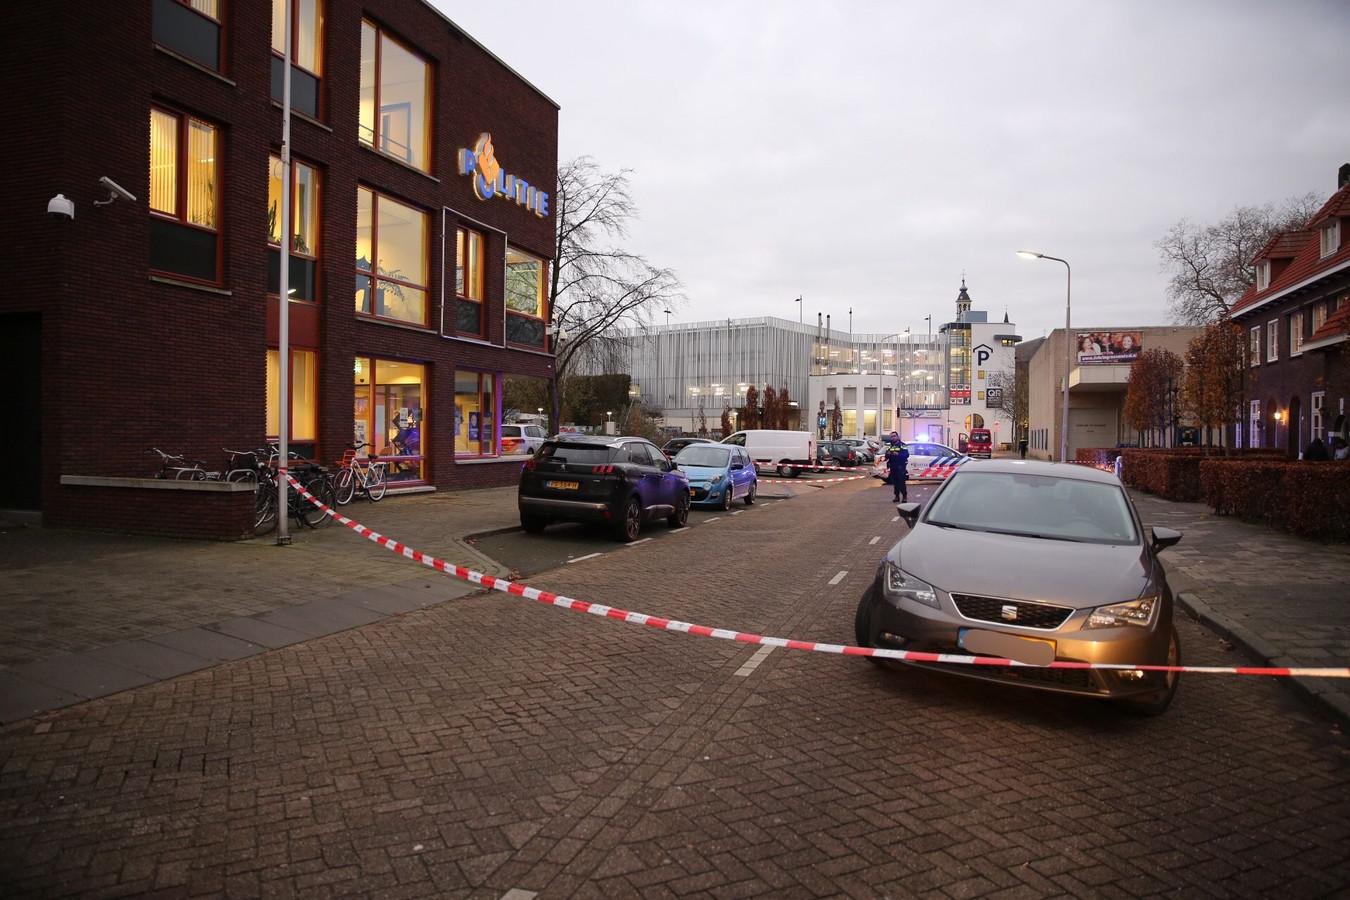 Younes B., een van de verdachten van de schietpartij op de Desmijndijk,  raakte eind 2017 zelf gewond bij een schietpartij op de Diamantdijk. Hij vluchtte toen met zijn huurbusje naar het politiebureau in de Nieuwstraat.